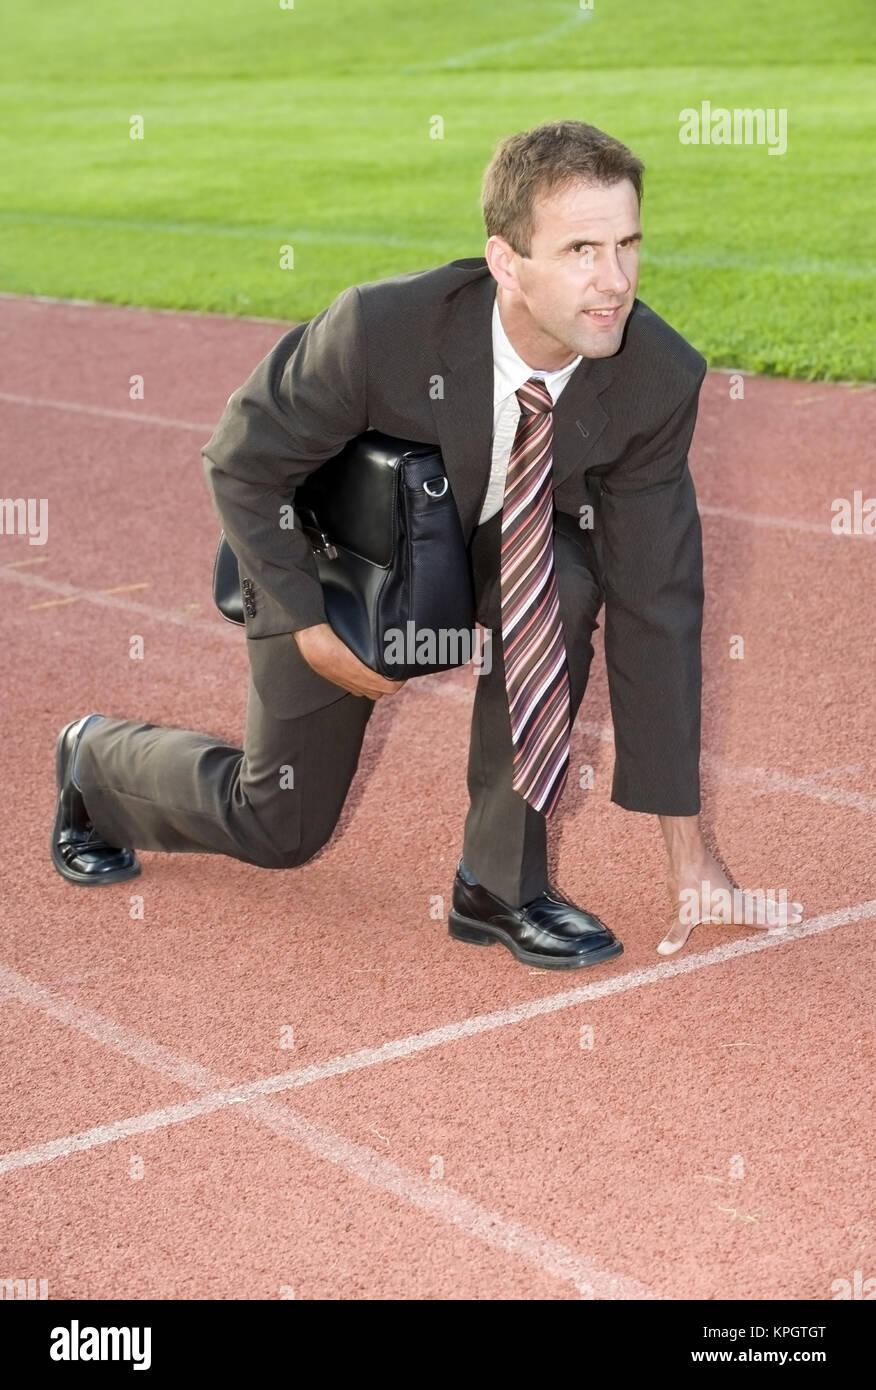 Model released , Gesch?ftsmann an der Startlinie auf einer Laufbahn, Symbolbild Berufliche Laufbahn - businessman - Stock Image